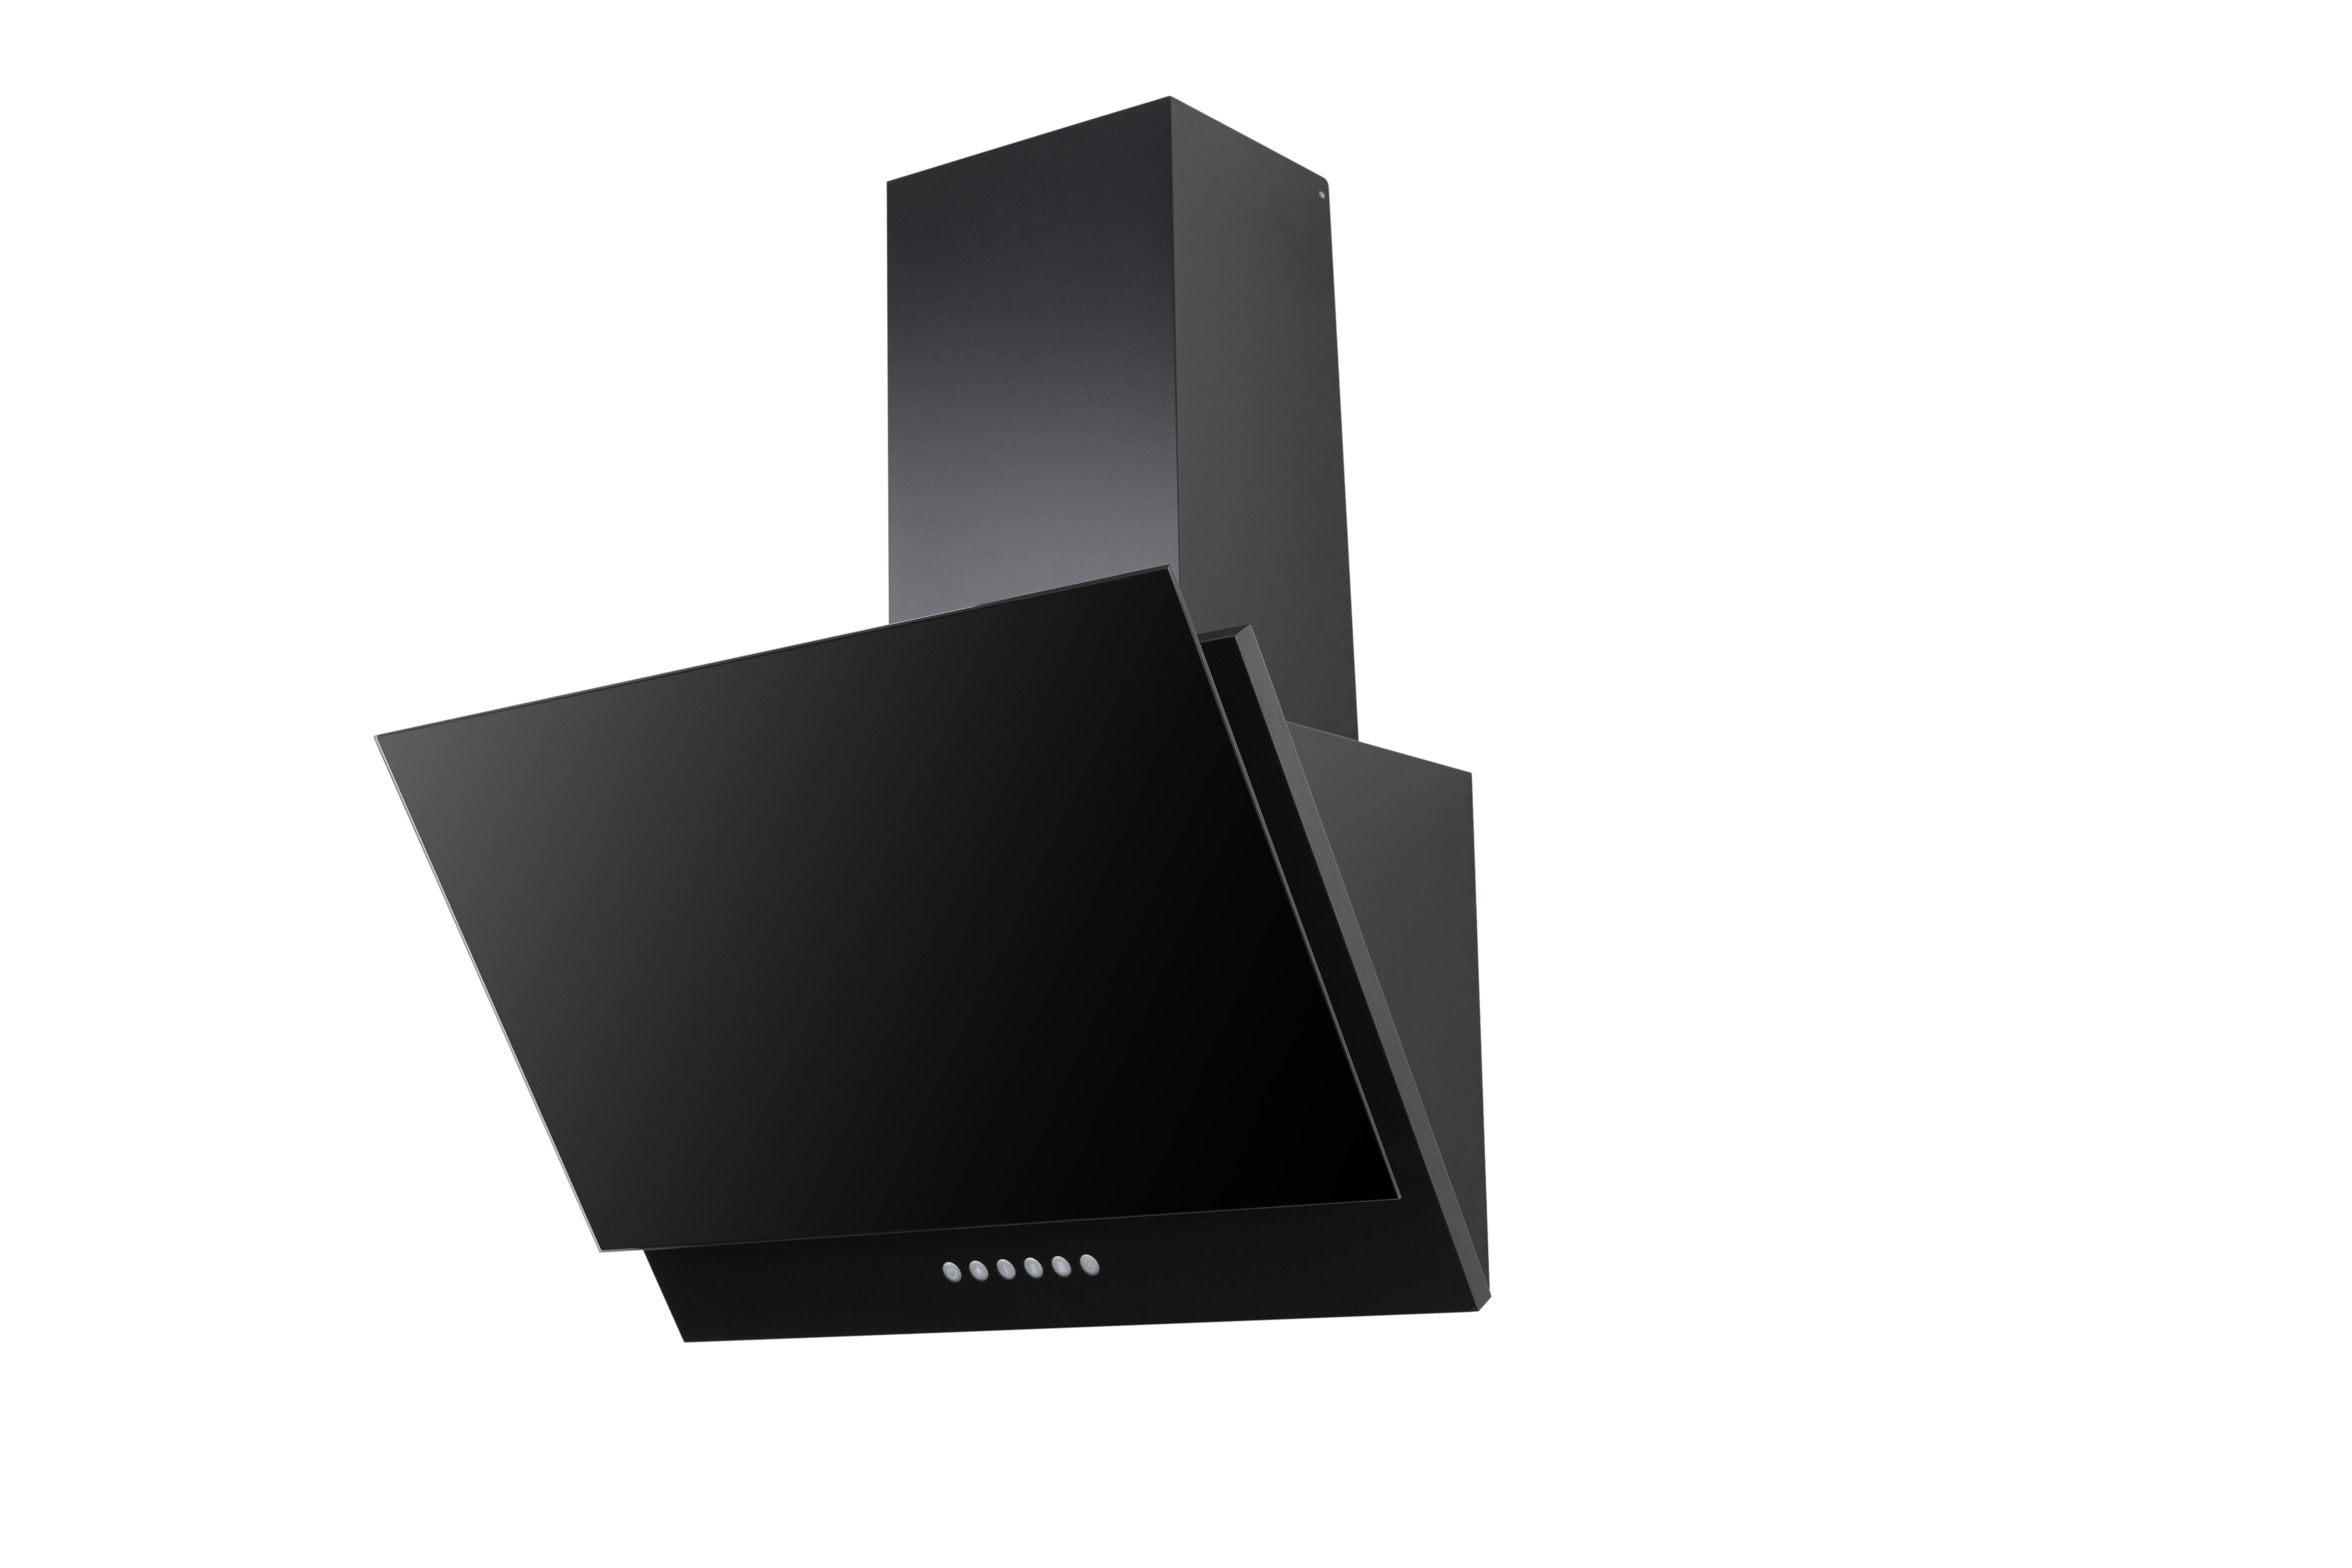 respekta schr ghaube dunstabzugshaube kopffrei glas 60 cm schwarz led eekl a ebay. Black Bedroom Furniture Sets. Home Design Ideas